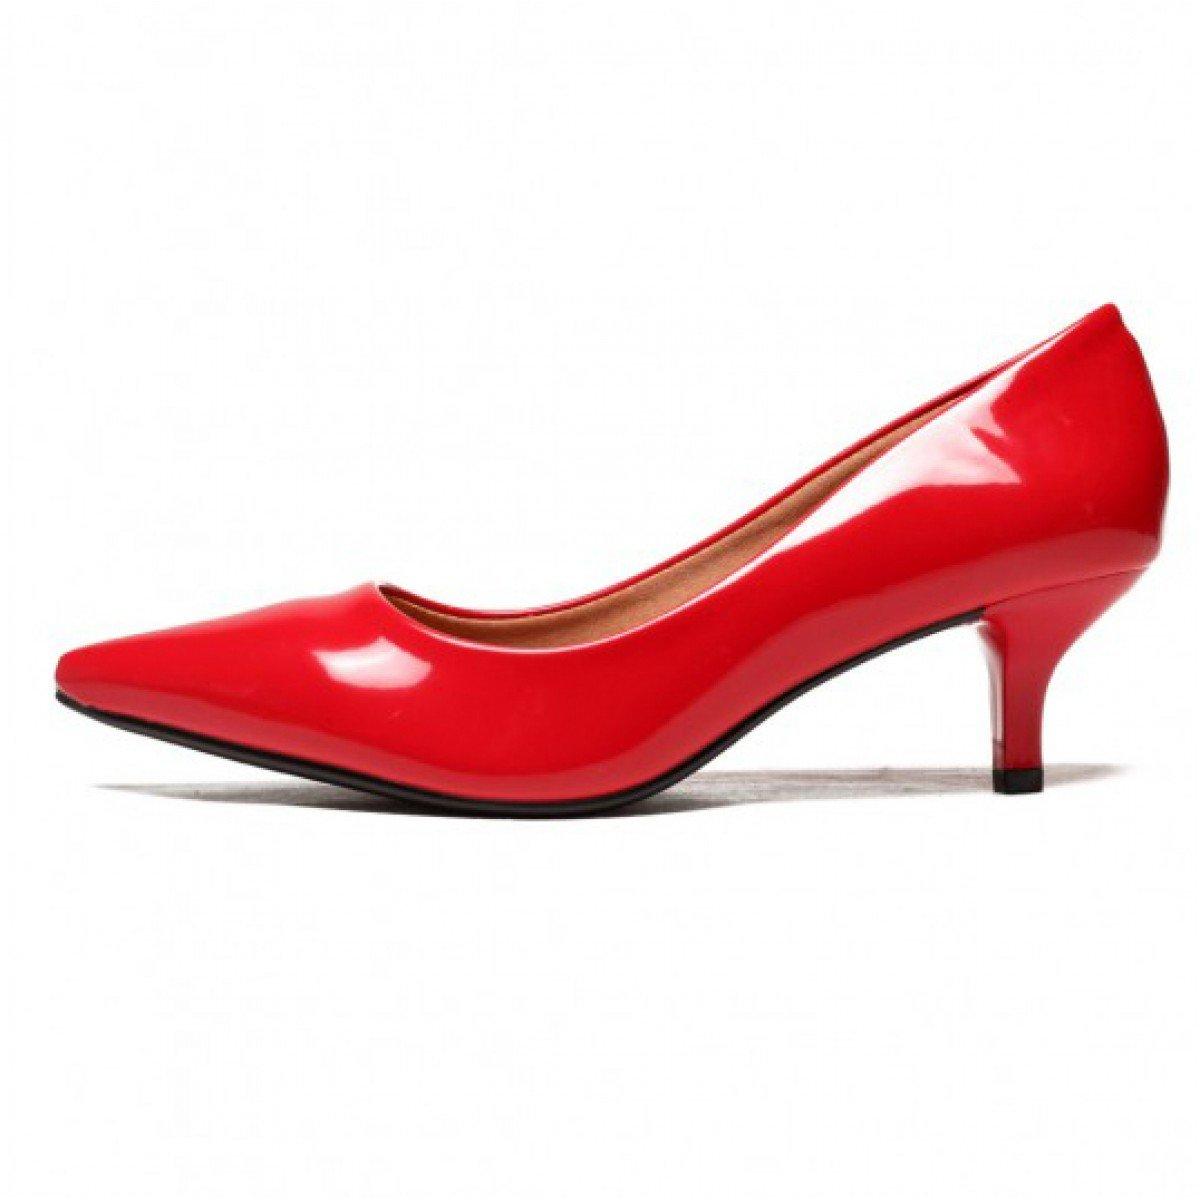 671fee8f4 Scarpin Feminino Vizzano Verniz Vermelho - Compre Agora